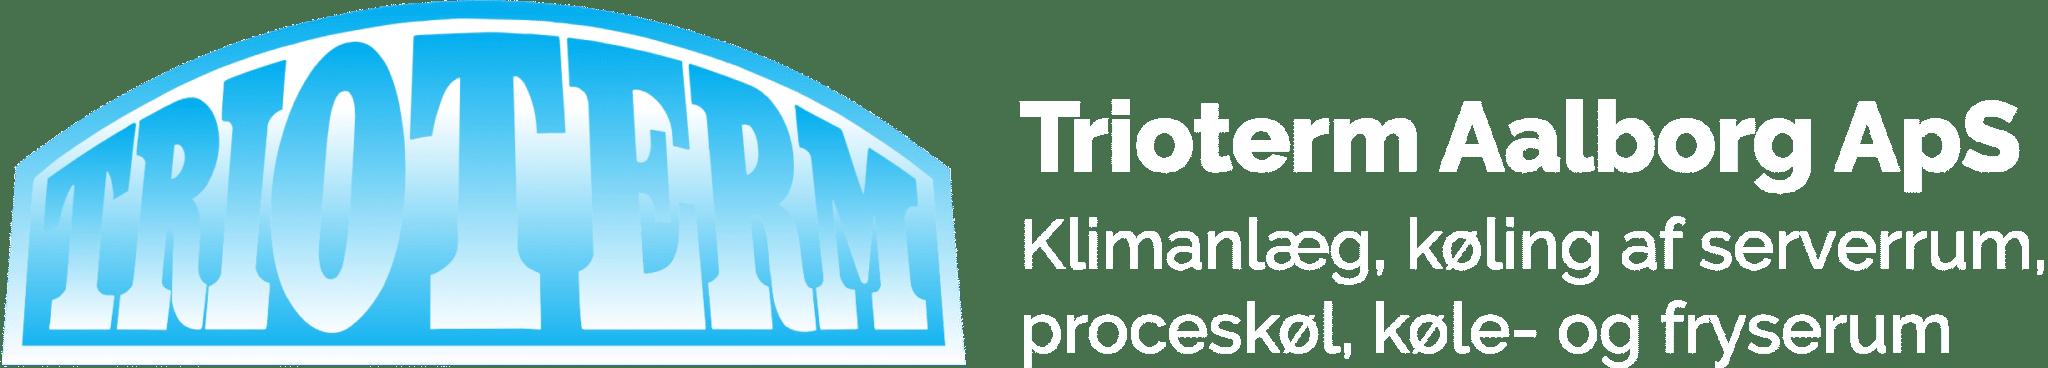 Trioterm